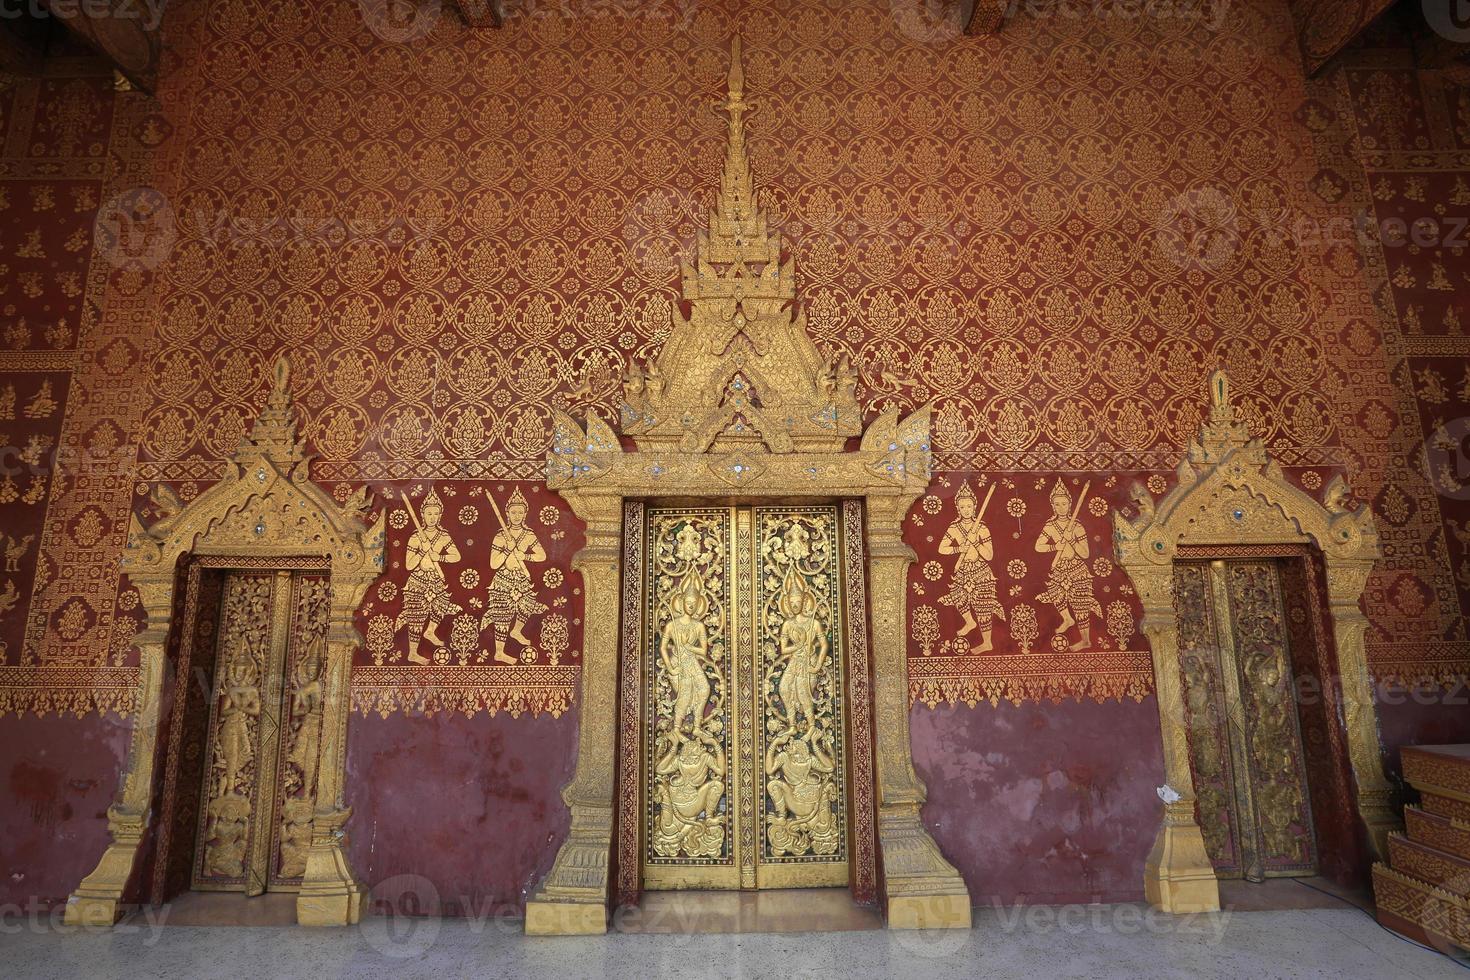 The Doors of Temple, Luang Prabang, Laos photo